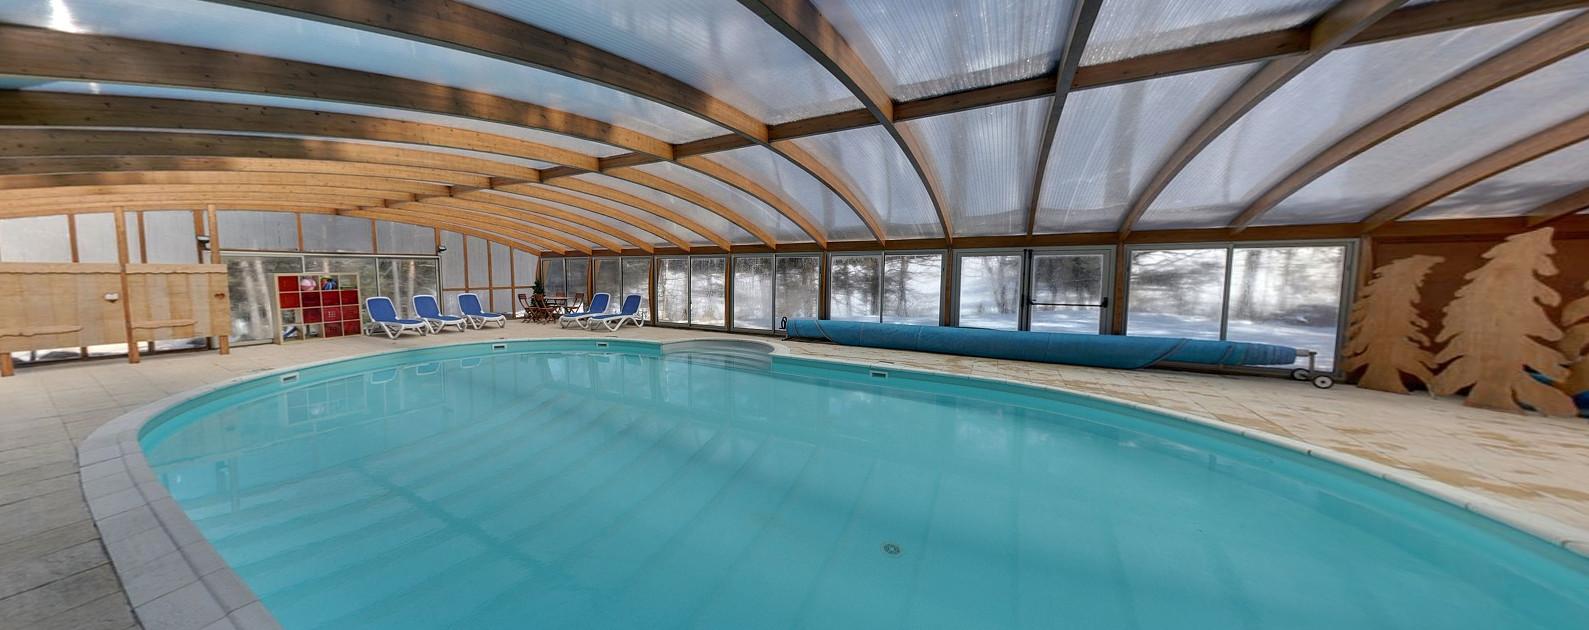 Het hotel beschikt over een zeer ruim overdekt zwembad.